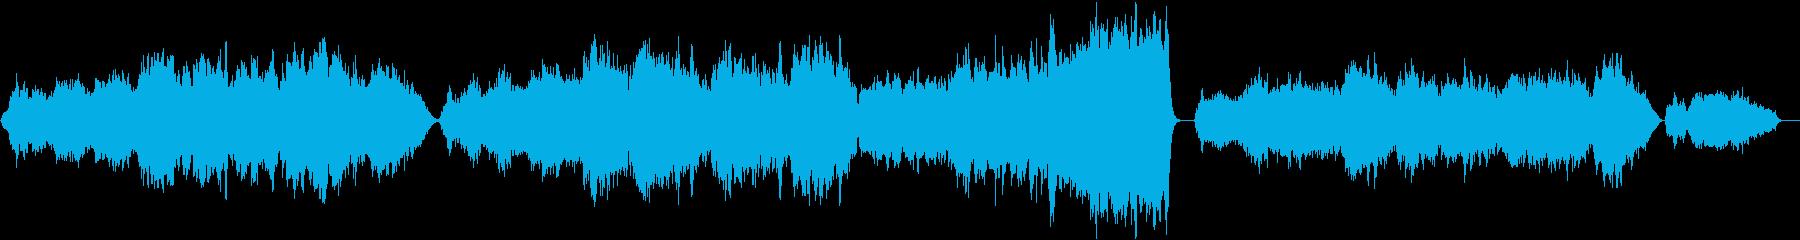 優しく、美しい、ストリングス アダージョの再生済みの波形